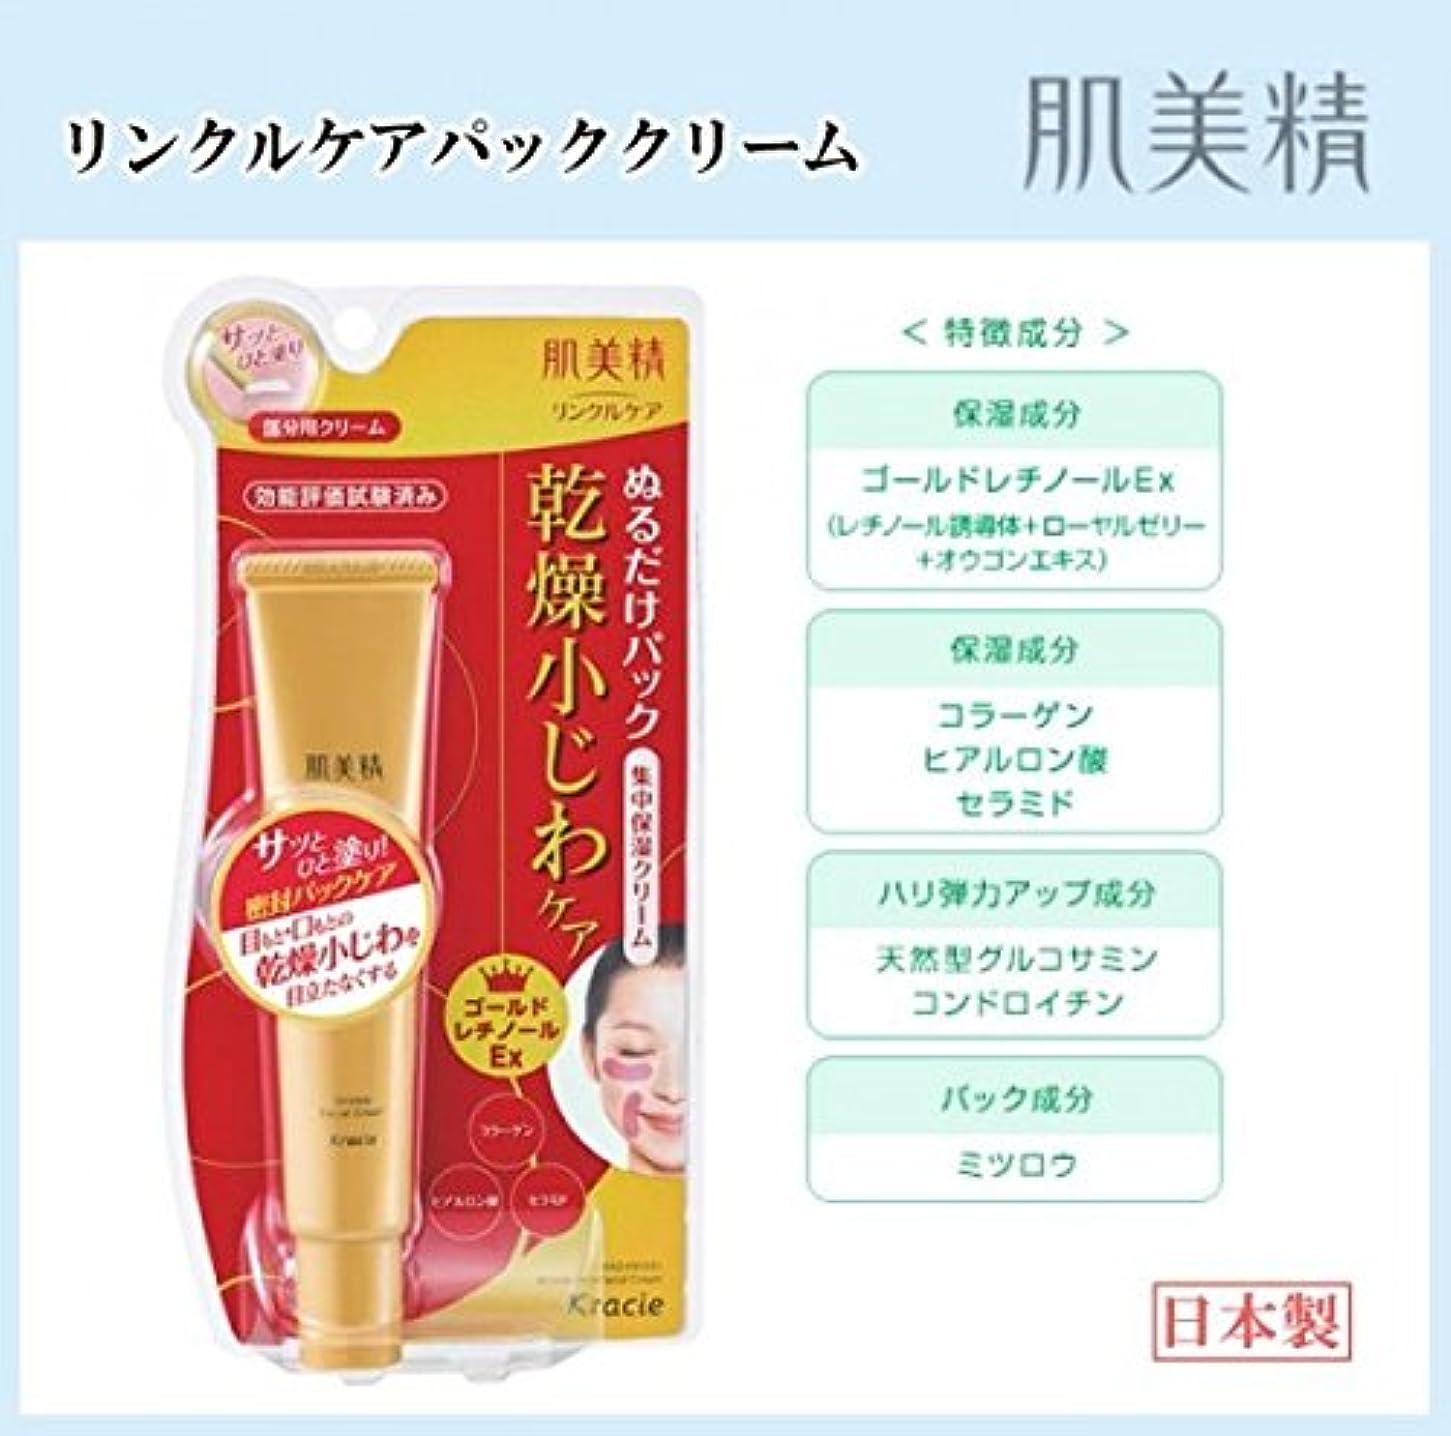 騒々しいムスチャート【クラシエ】肌美精 リフト保湿リンクルパッククリーム 30g